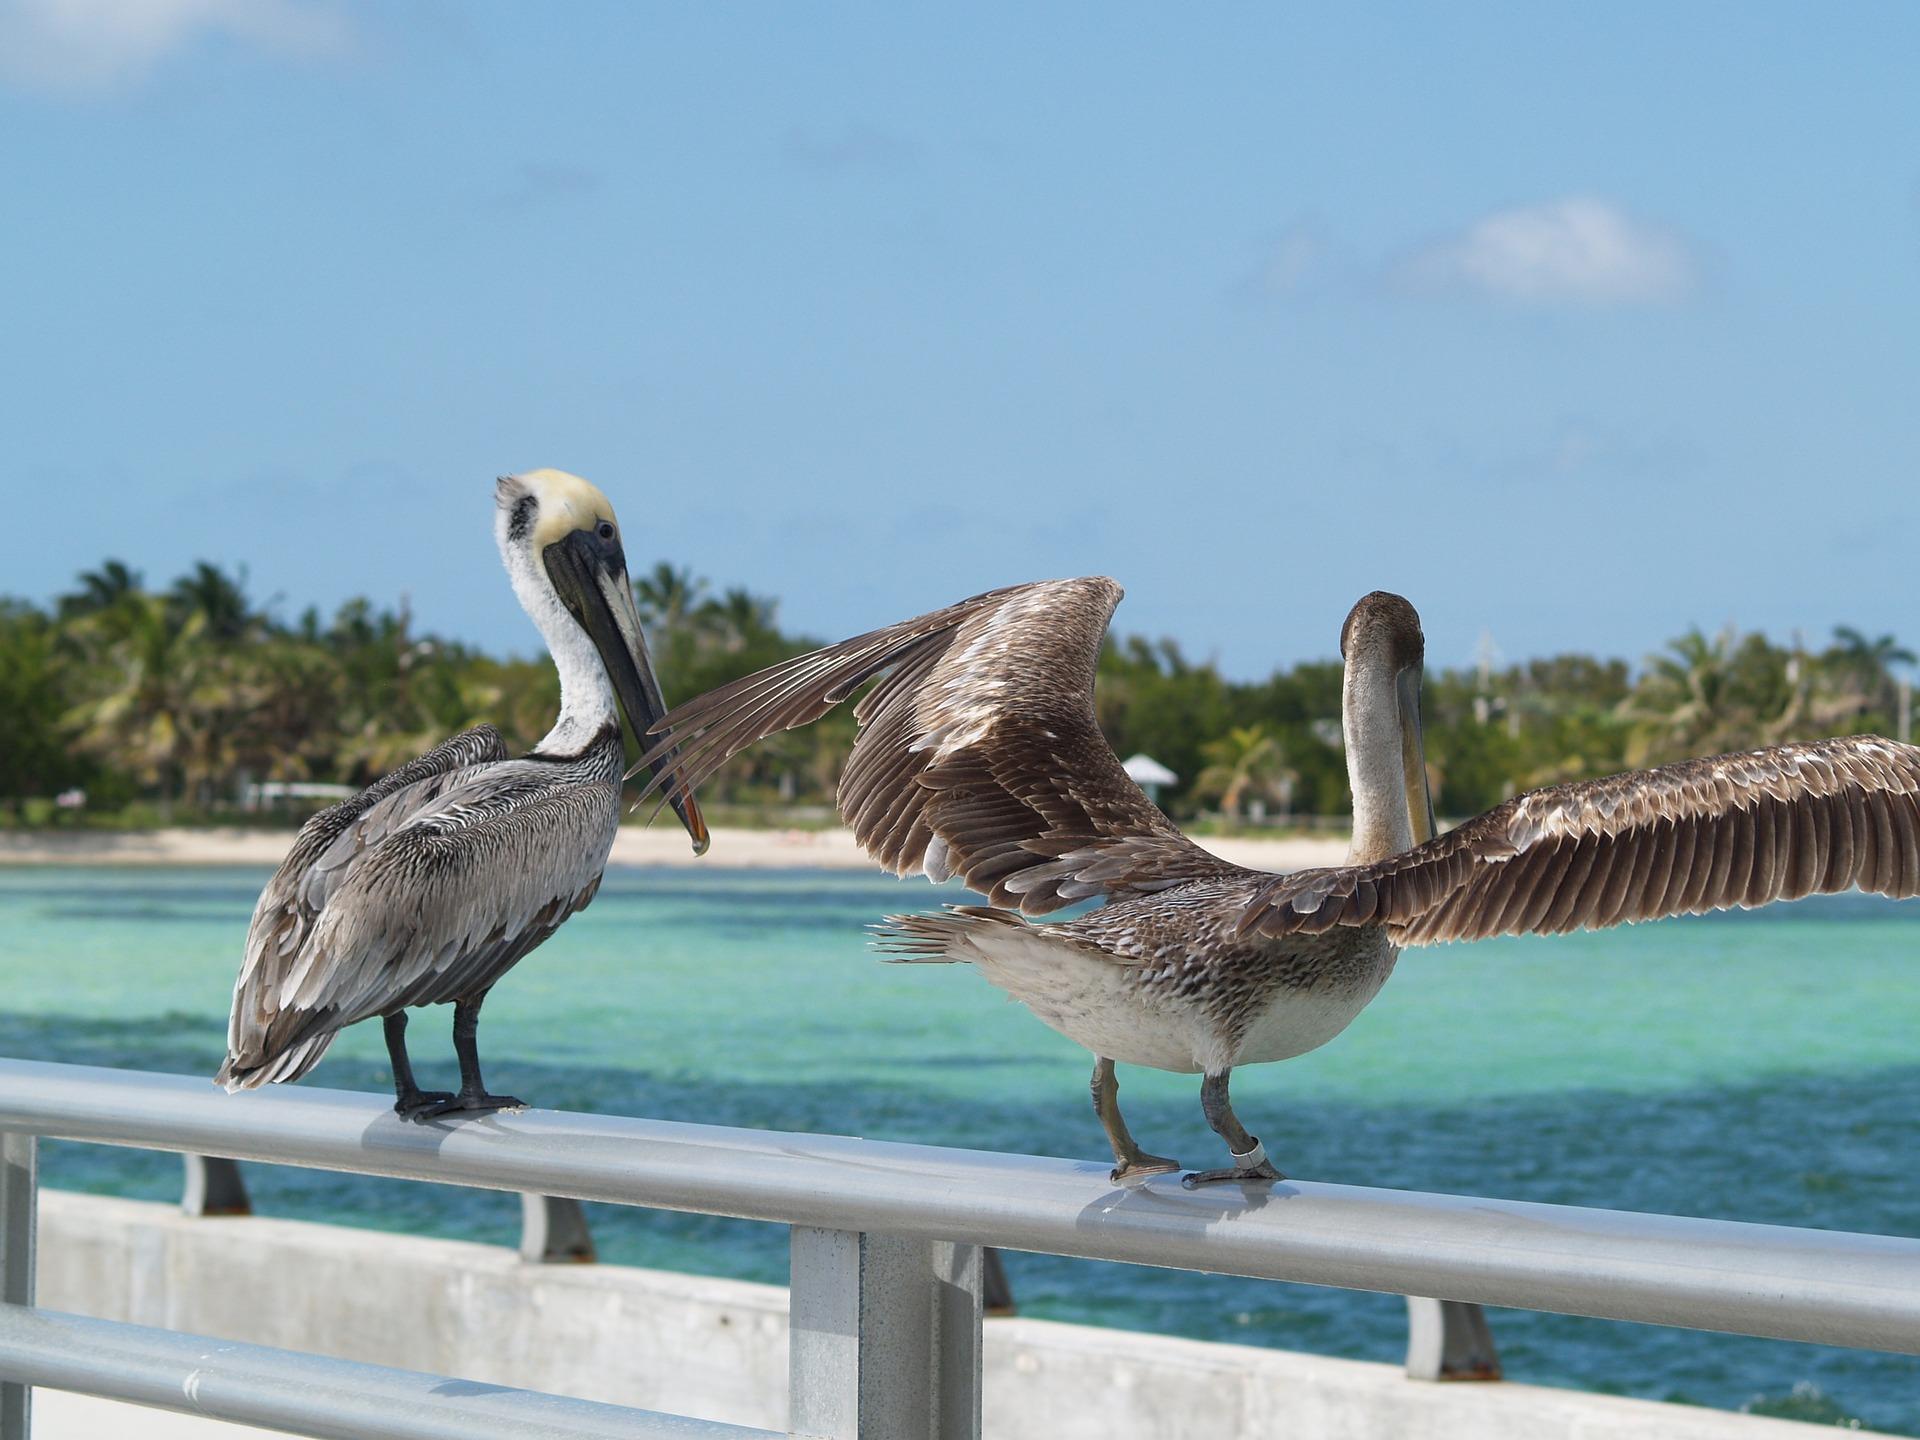 brown-pelicans-1231785_1920.jpg